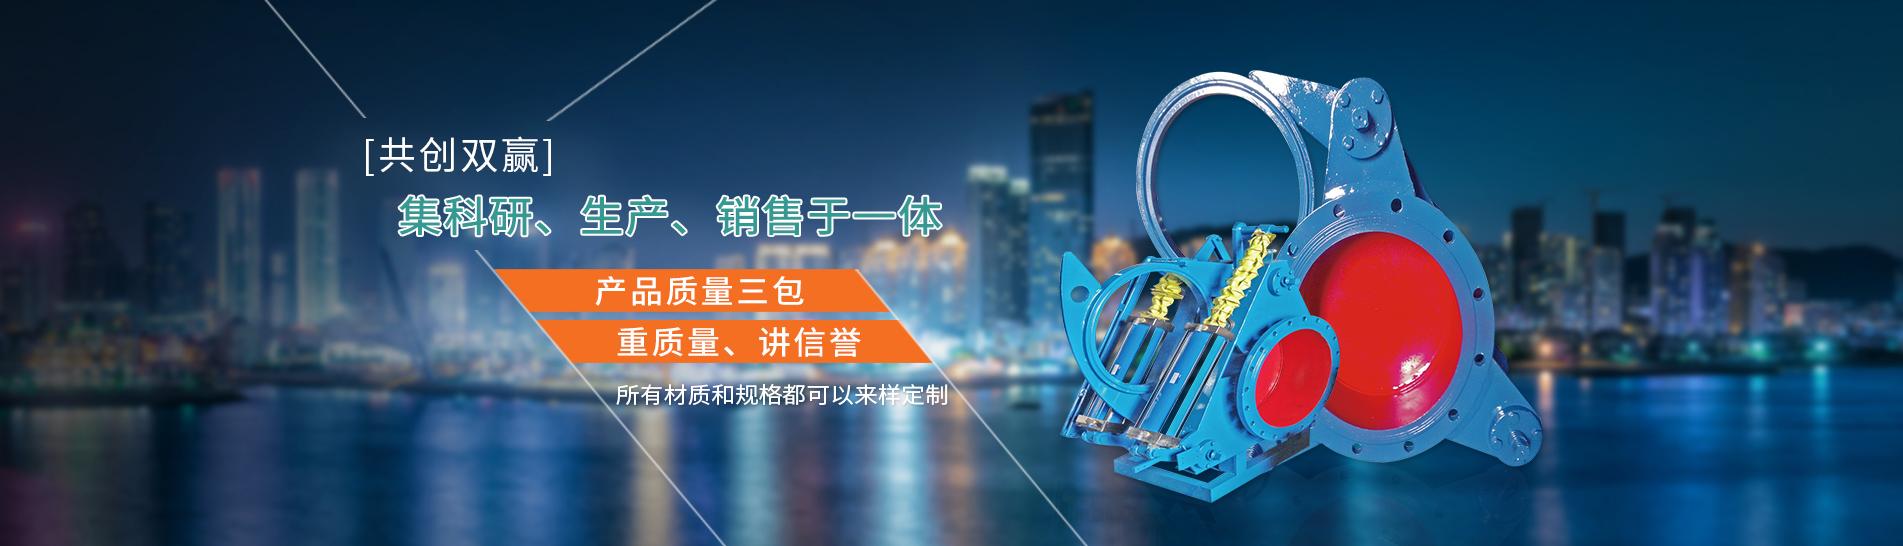 温州宏越金属制品有限公司